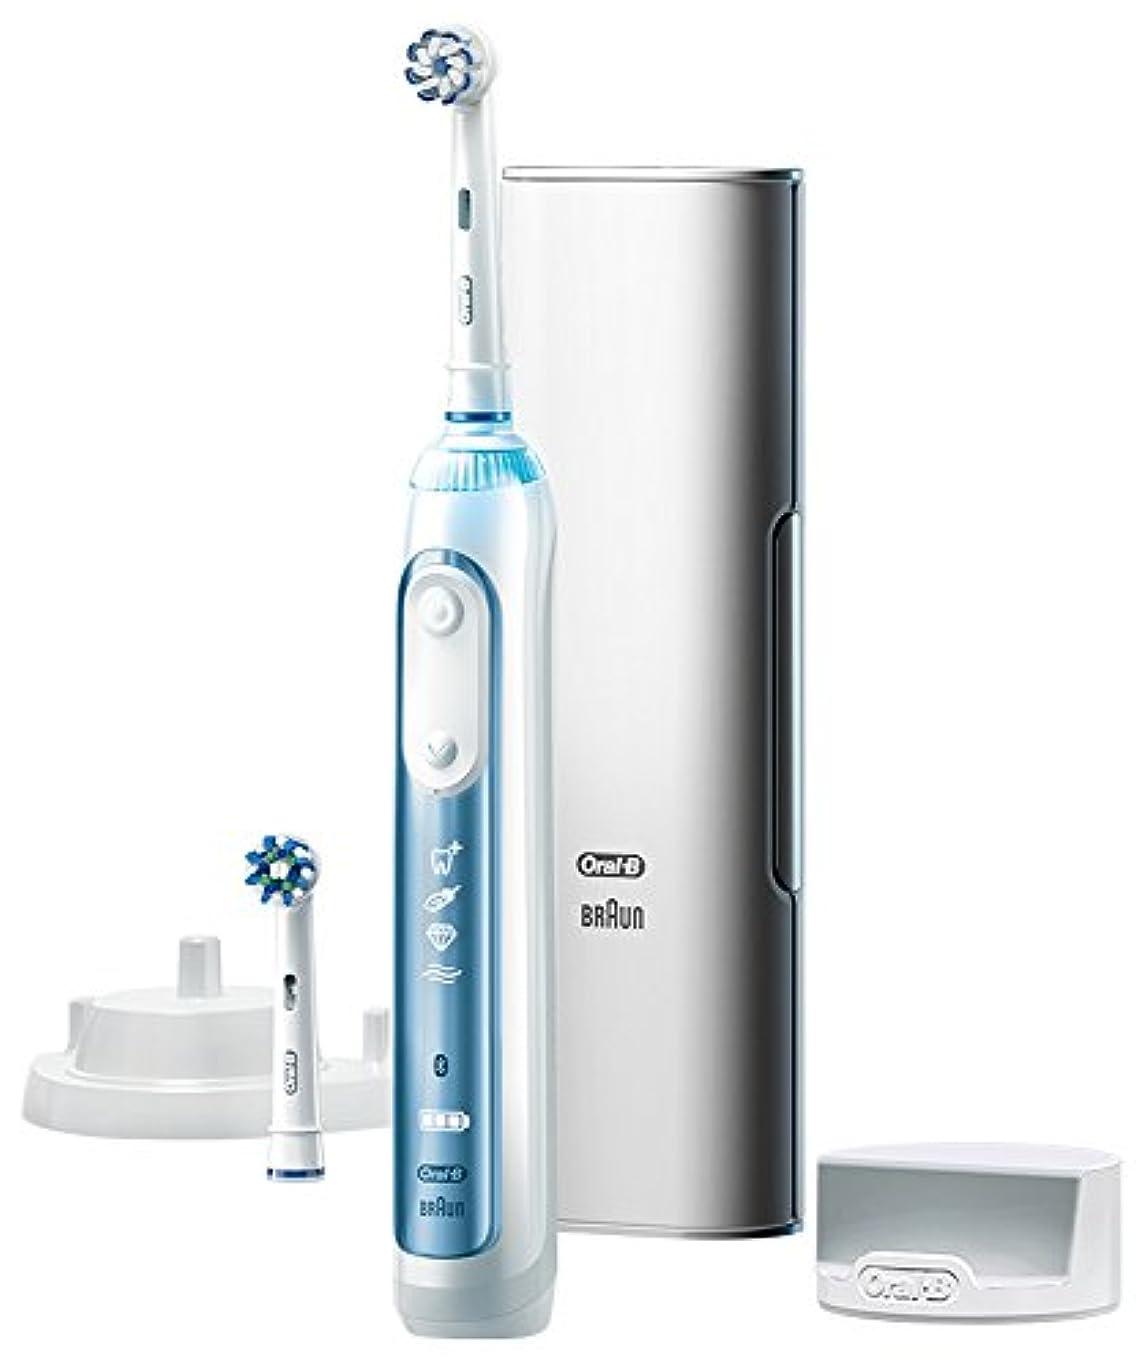 上に液化する血色の良いブラウン オーラルB 電動歯ブラシ スマート7000 D7005245XP D7005245XP